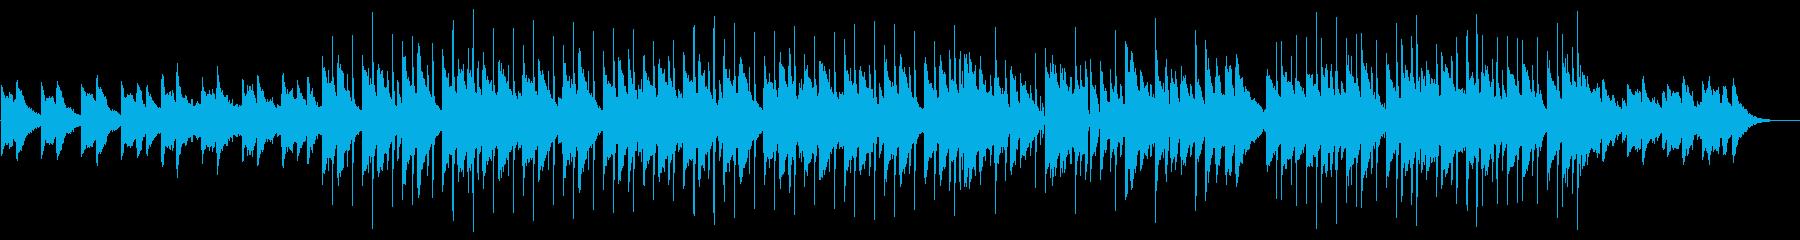 【生演奏】爽やかで、少し物悲しいアコギの再生済みの波形